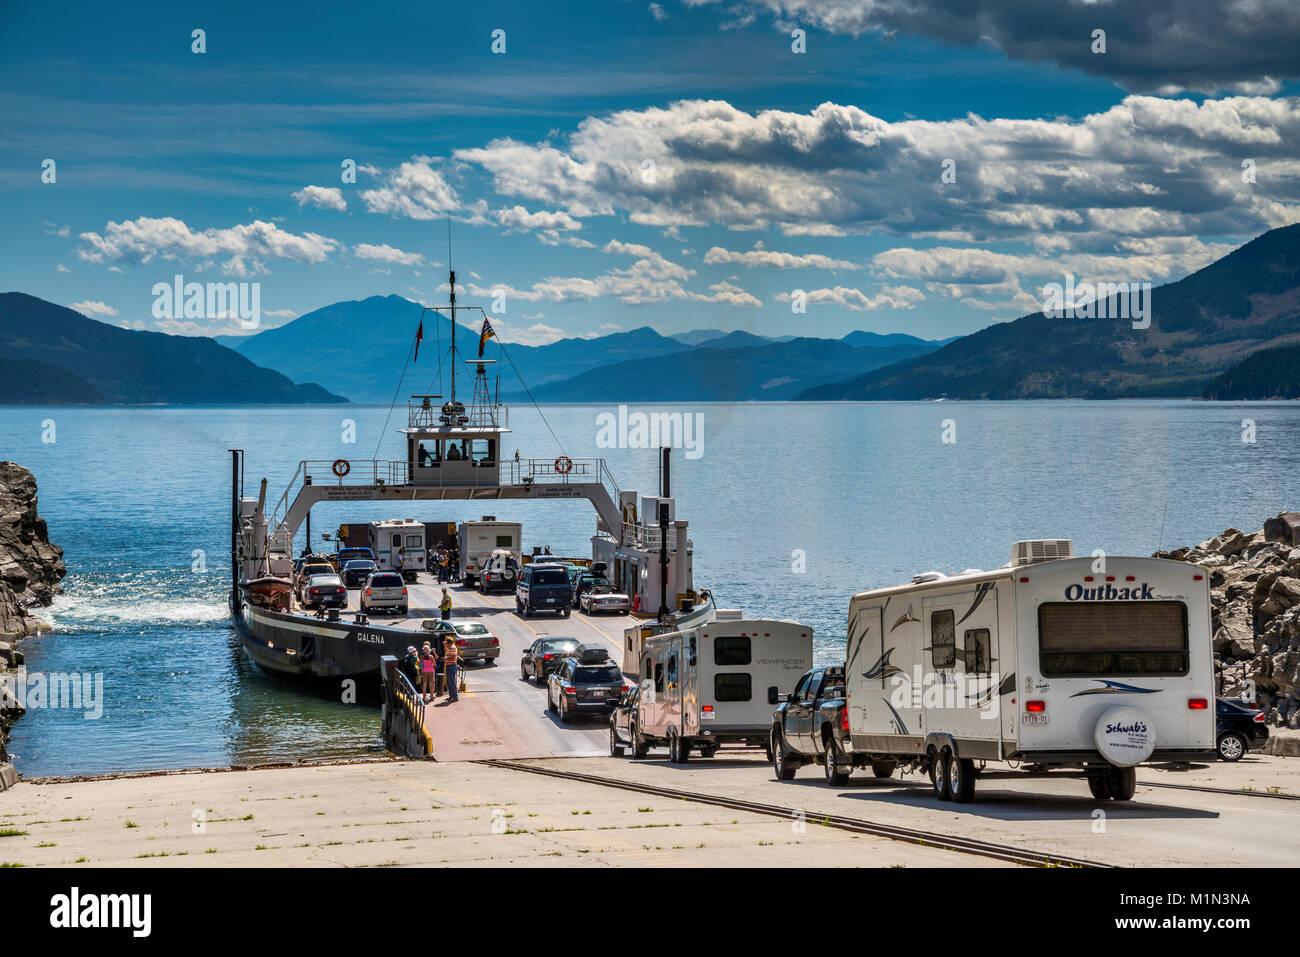 Los vehículos que entran en MV Galena en Shelter Bay ferry para cruzar el lago de flecha superior a galena Bay, negociaciones comerciales multilaterales Monashee, West Kootenay, British Columbia, Canadá Foto de stock